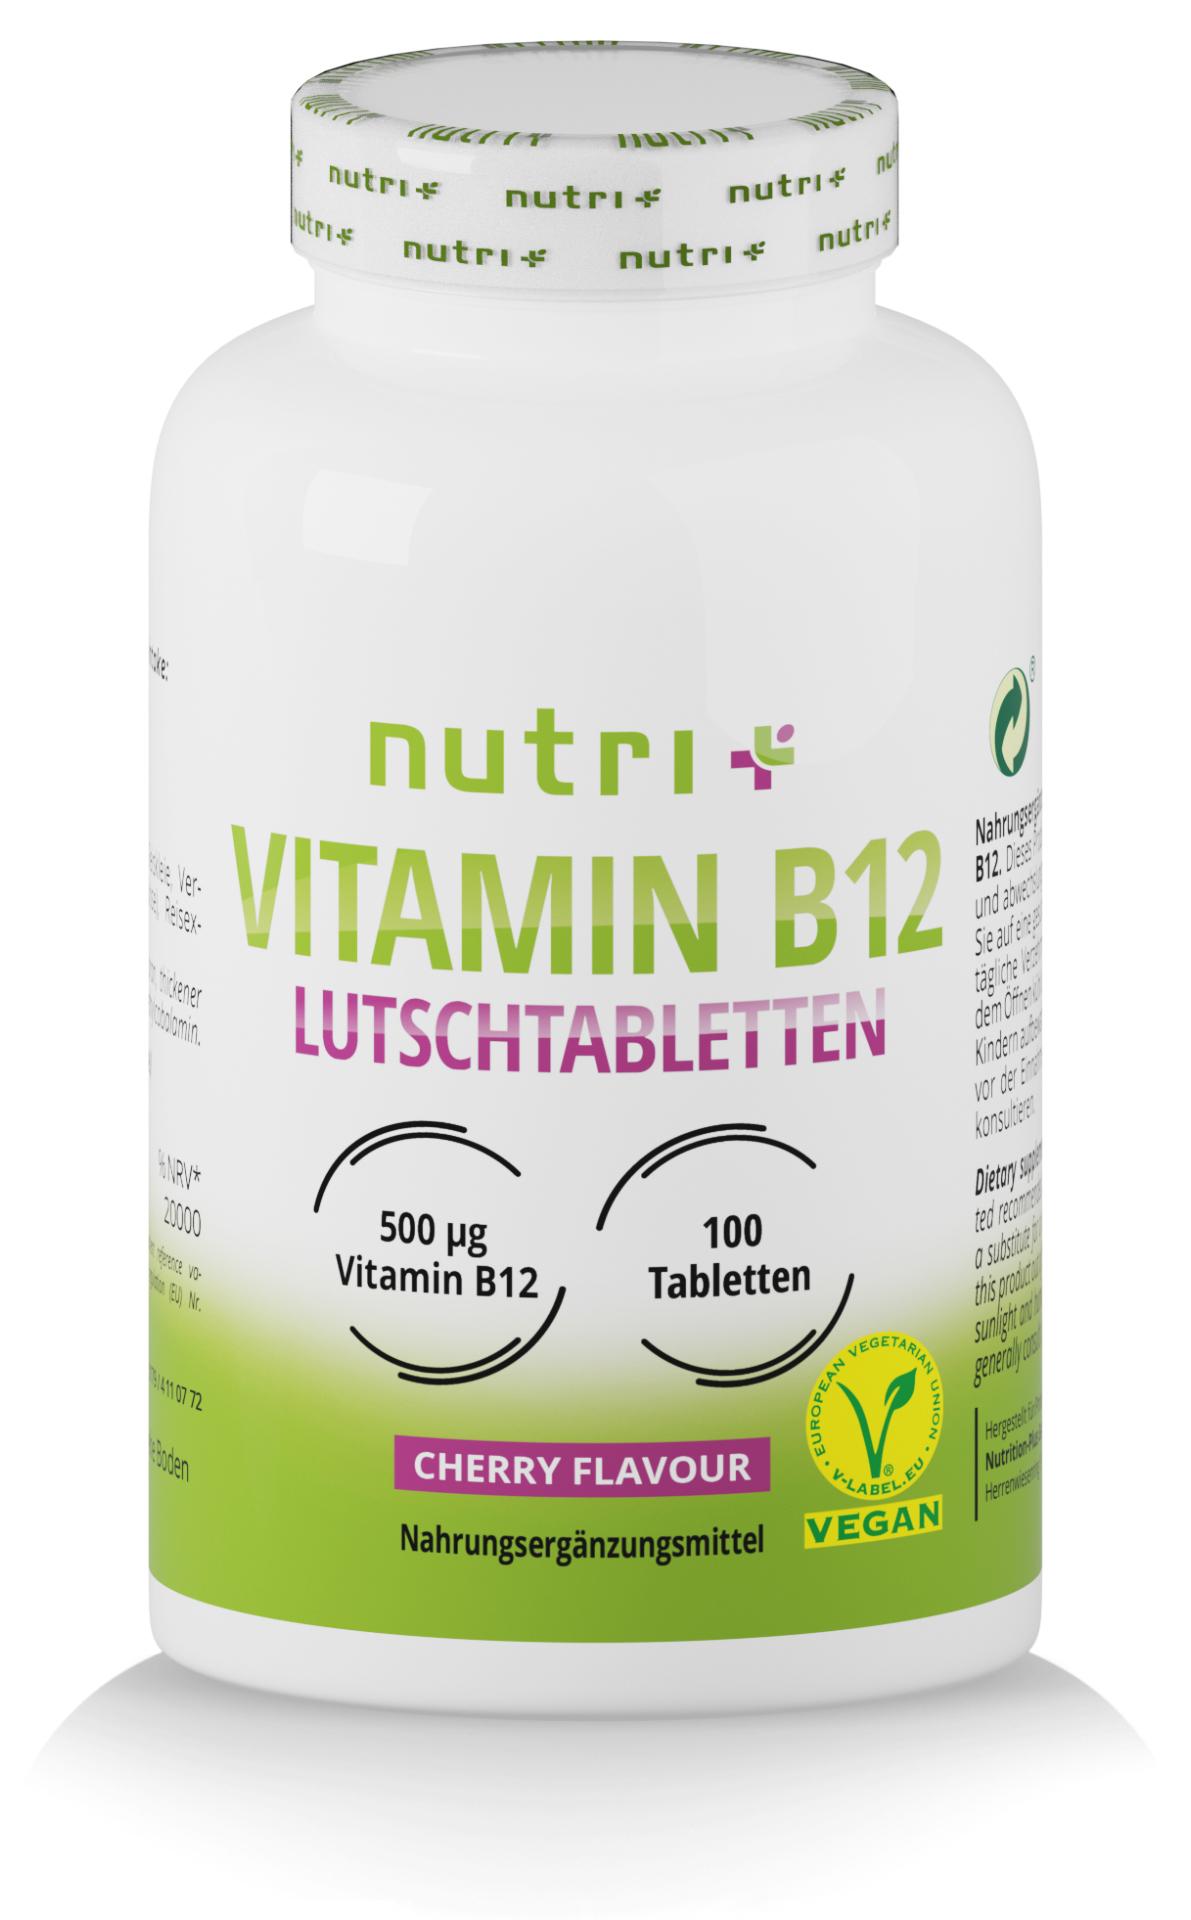 nutri+ Vitamin B12 Lutschtabletten